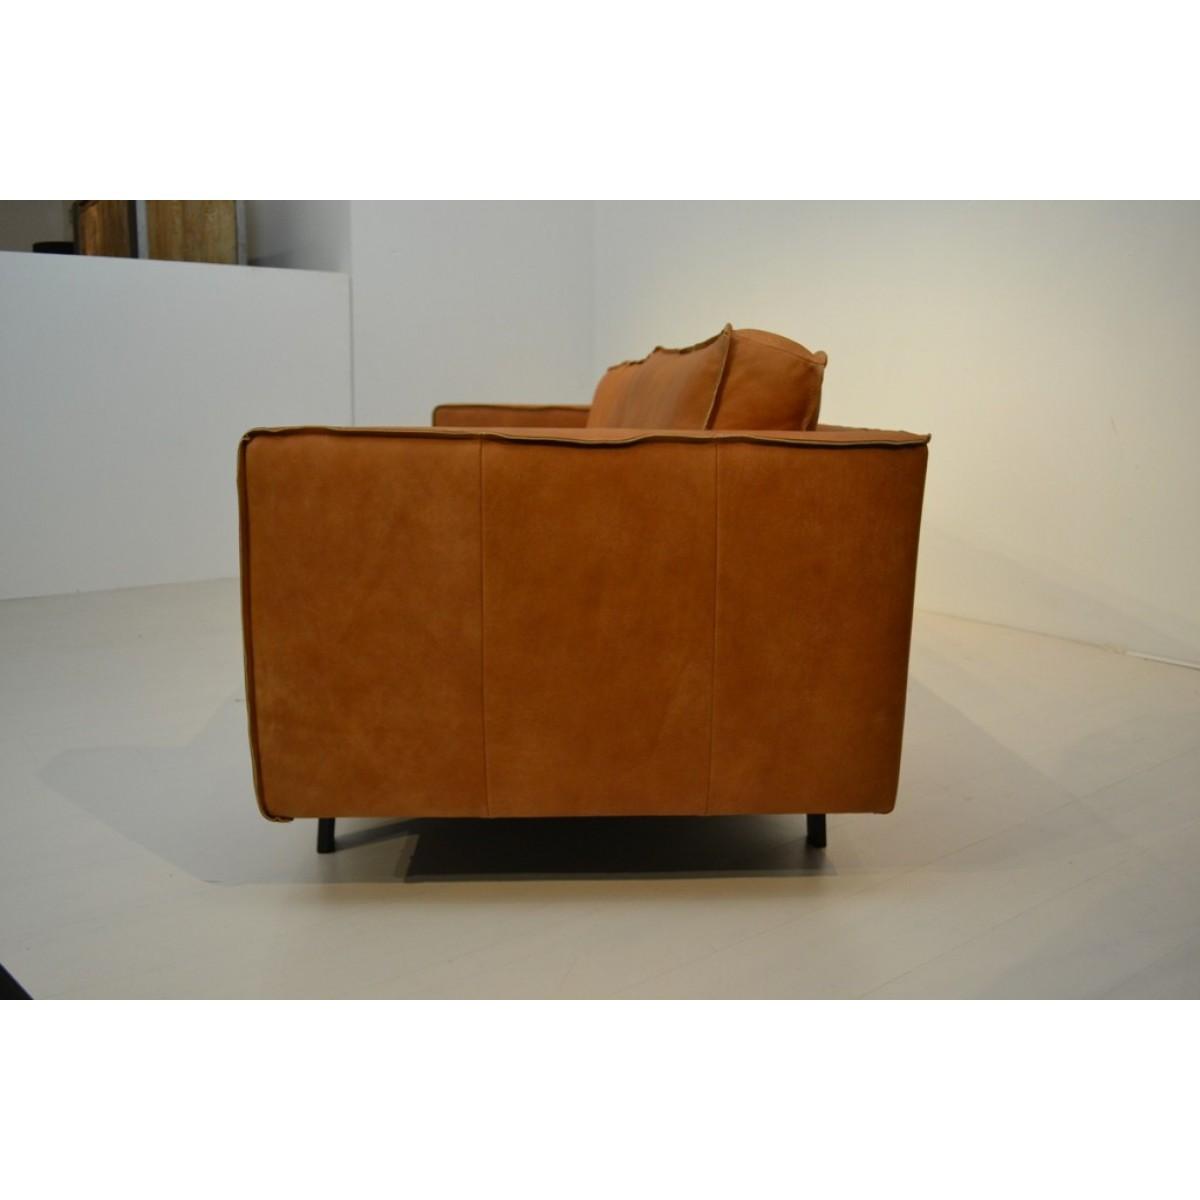 havana_boris_slimm_design_bank_slimm_leer_cognac_tabacco_leder_walnut_zijkant